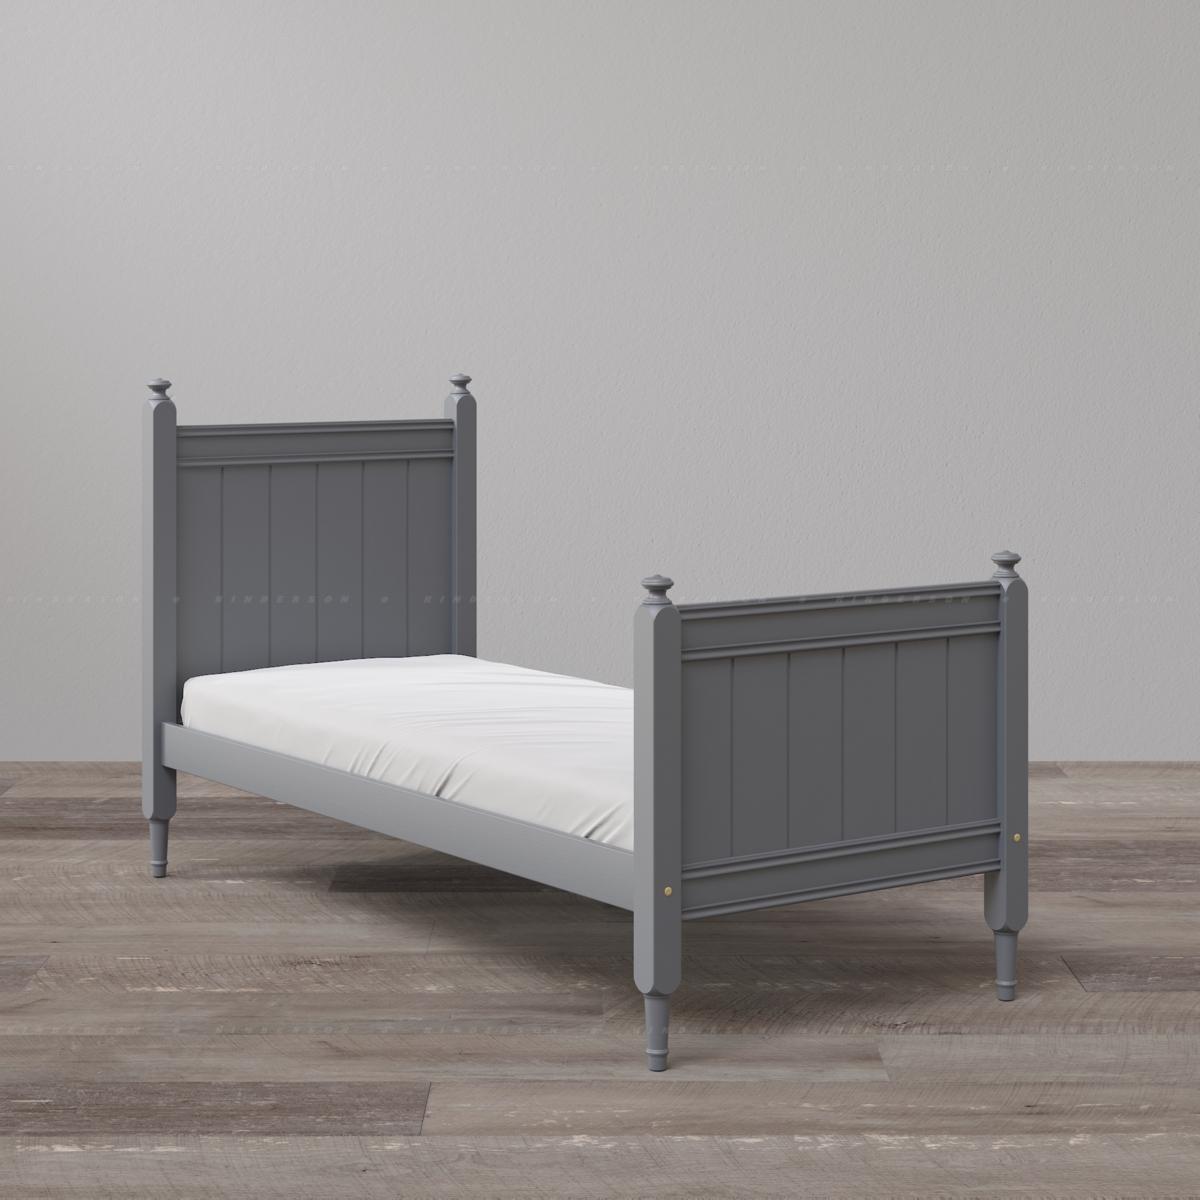 Односпальная кровать с двумя высокими спинками. Базовая комплектация. Цвет ral7024 графит.